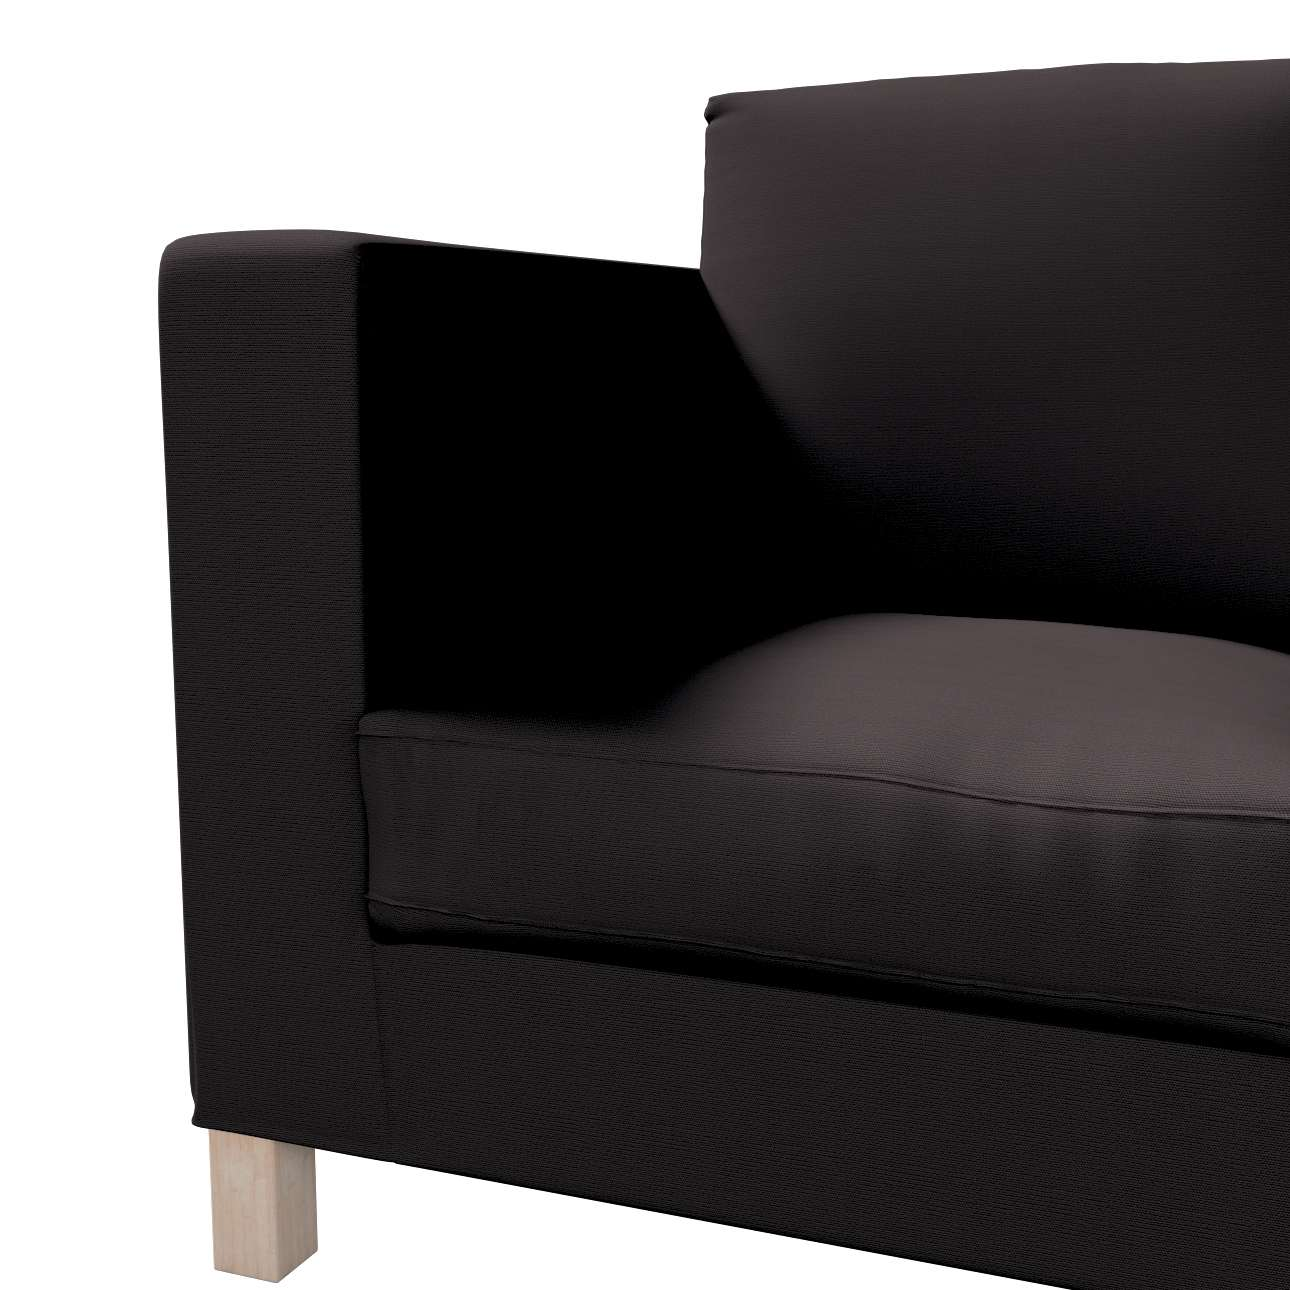 Bezug für Karlanda 3-Sitzer Sofa nicht ausklappbar, kurz von der Kollektion Cotton Panama, Stoff: 702-08